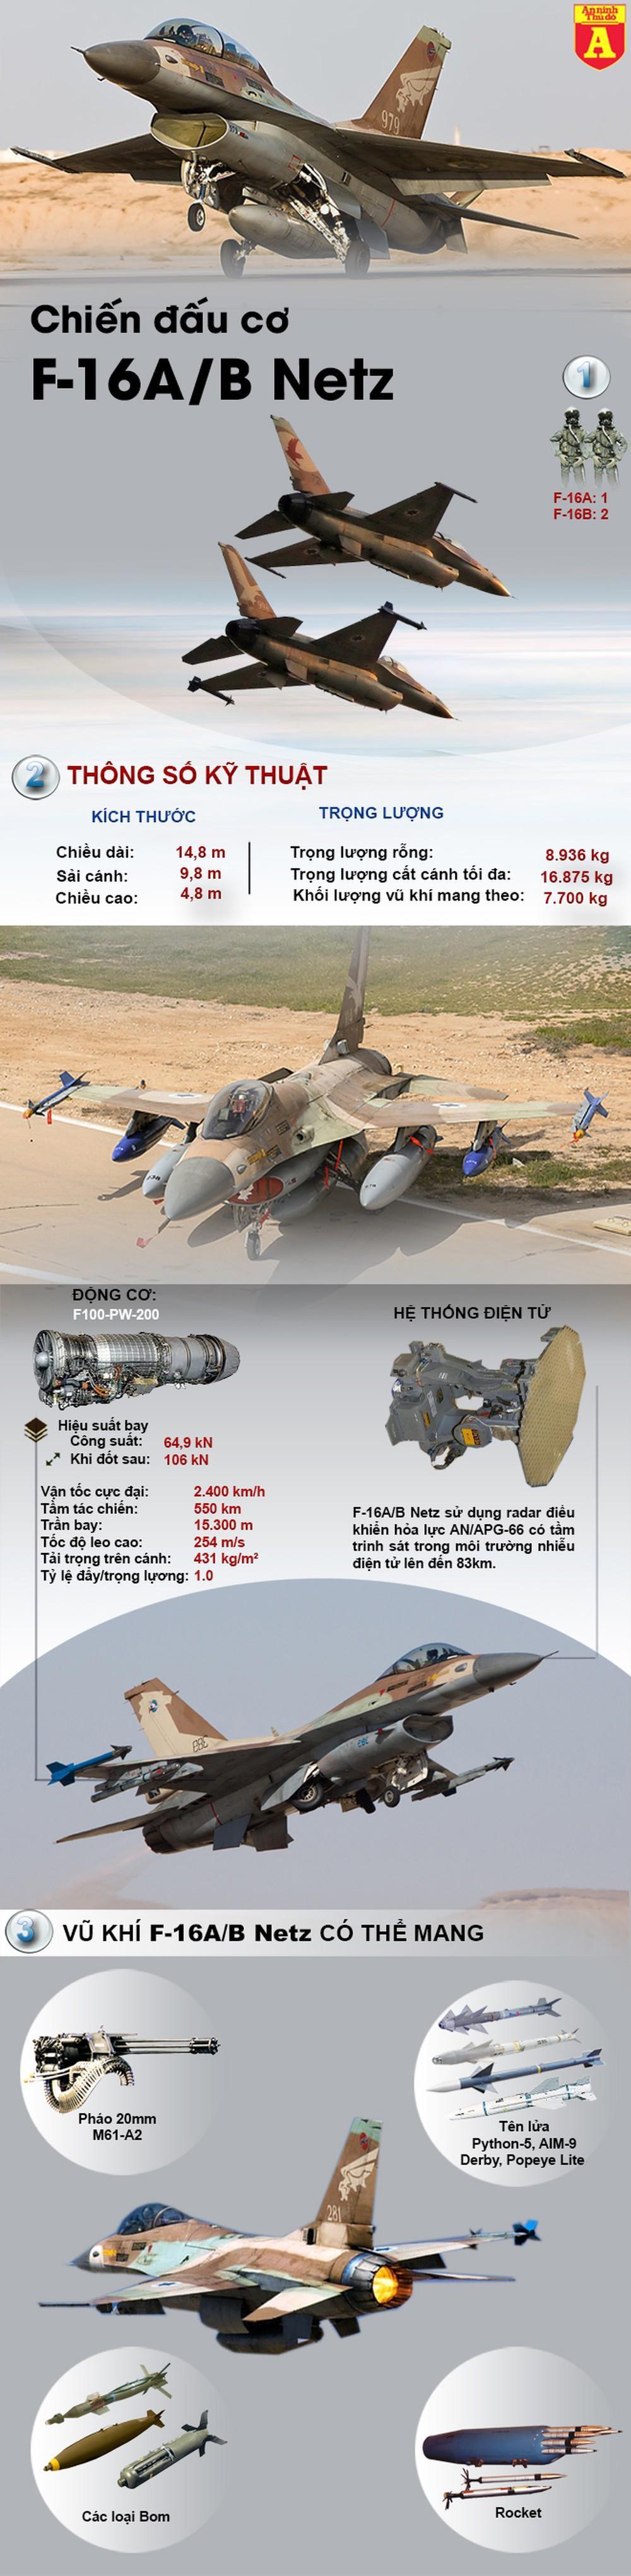 [Infographics] Israel bán tiêm kích F-16 với giá chỉ hơn 3 triệu USD/chiếc  - Ảnh 1